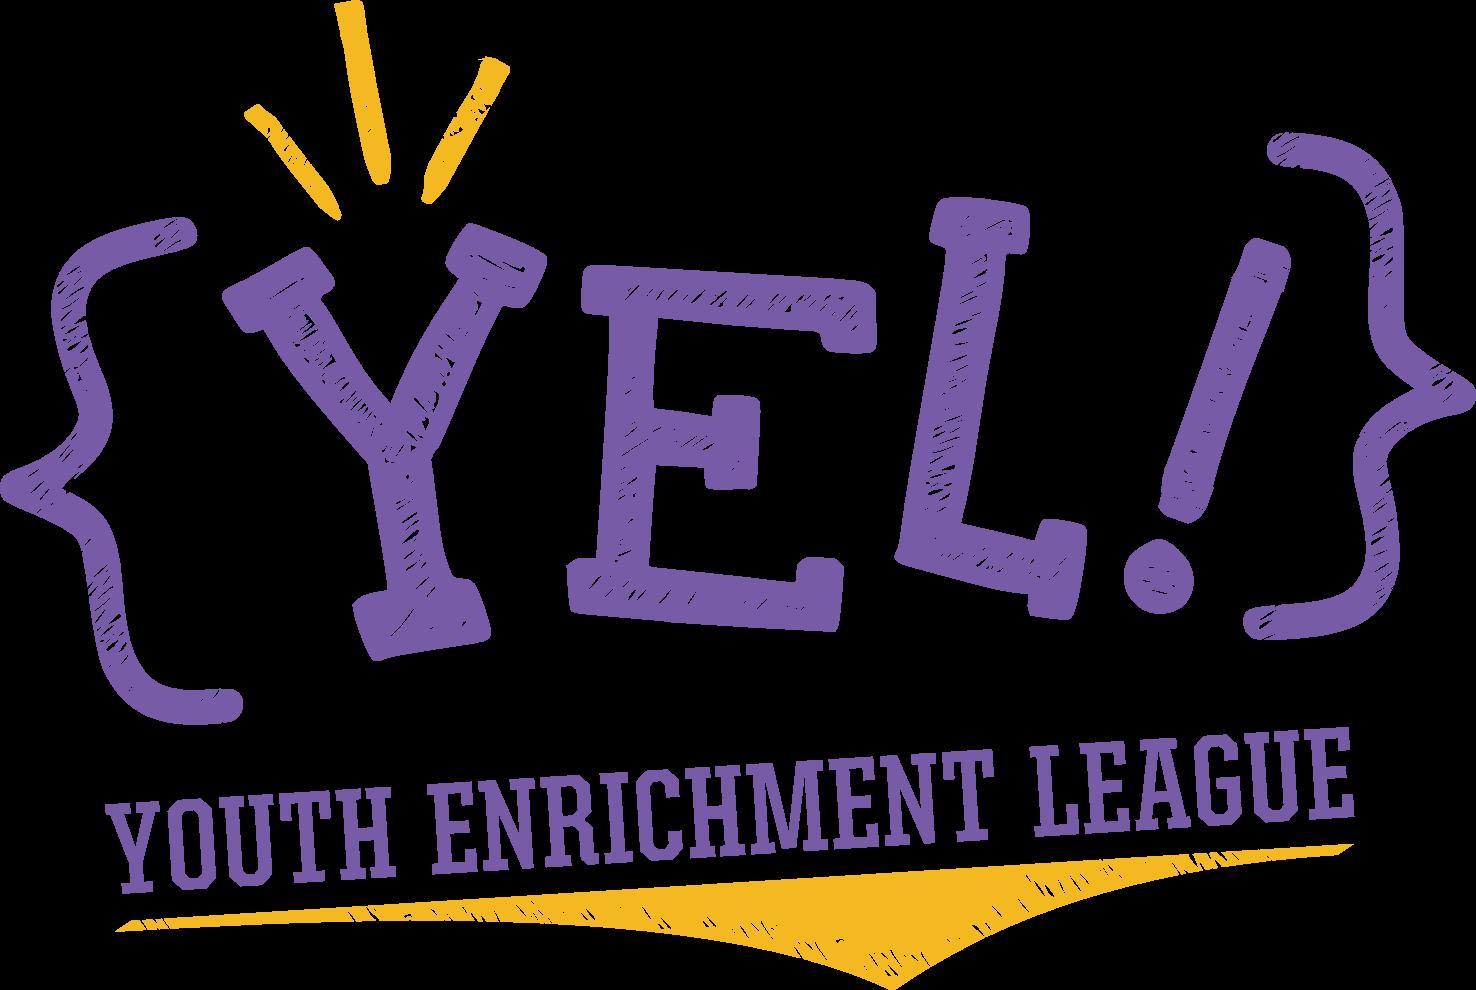 Youth Enrichment League